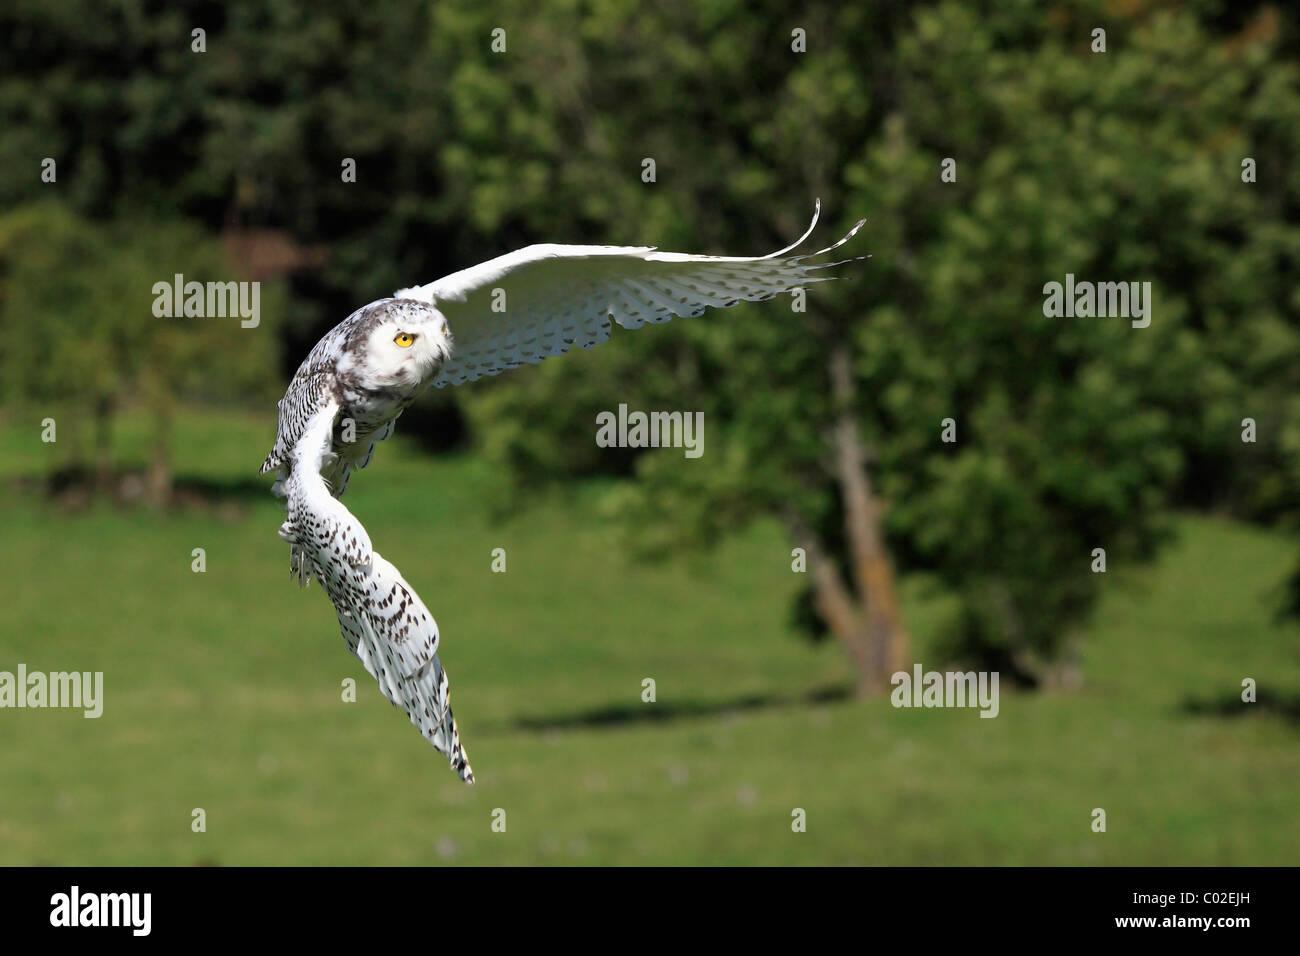 Barn Owl (Tyto alba), flying adult, Germany, Europe Stock Photo